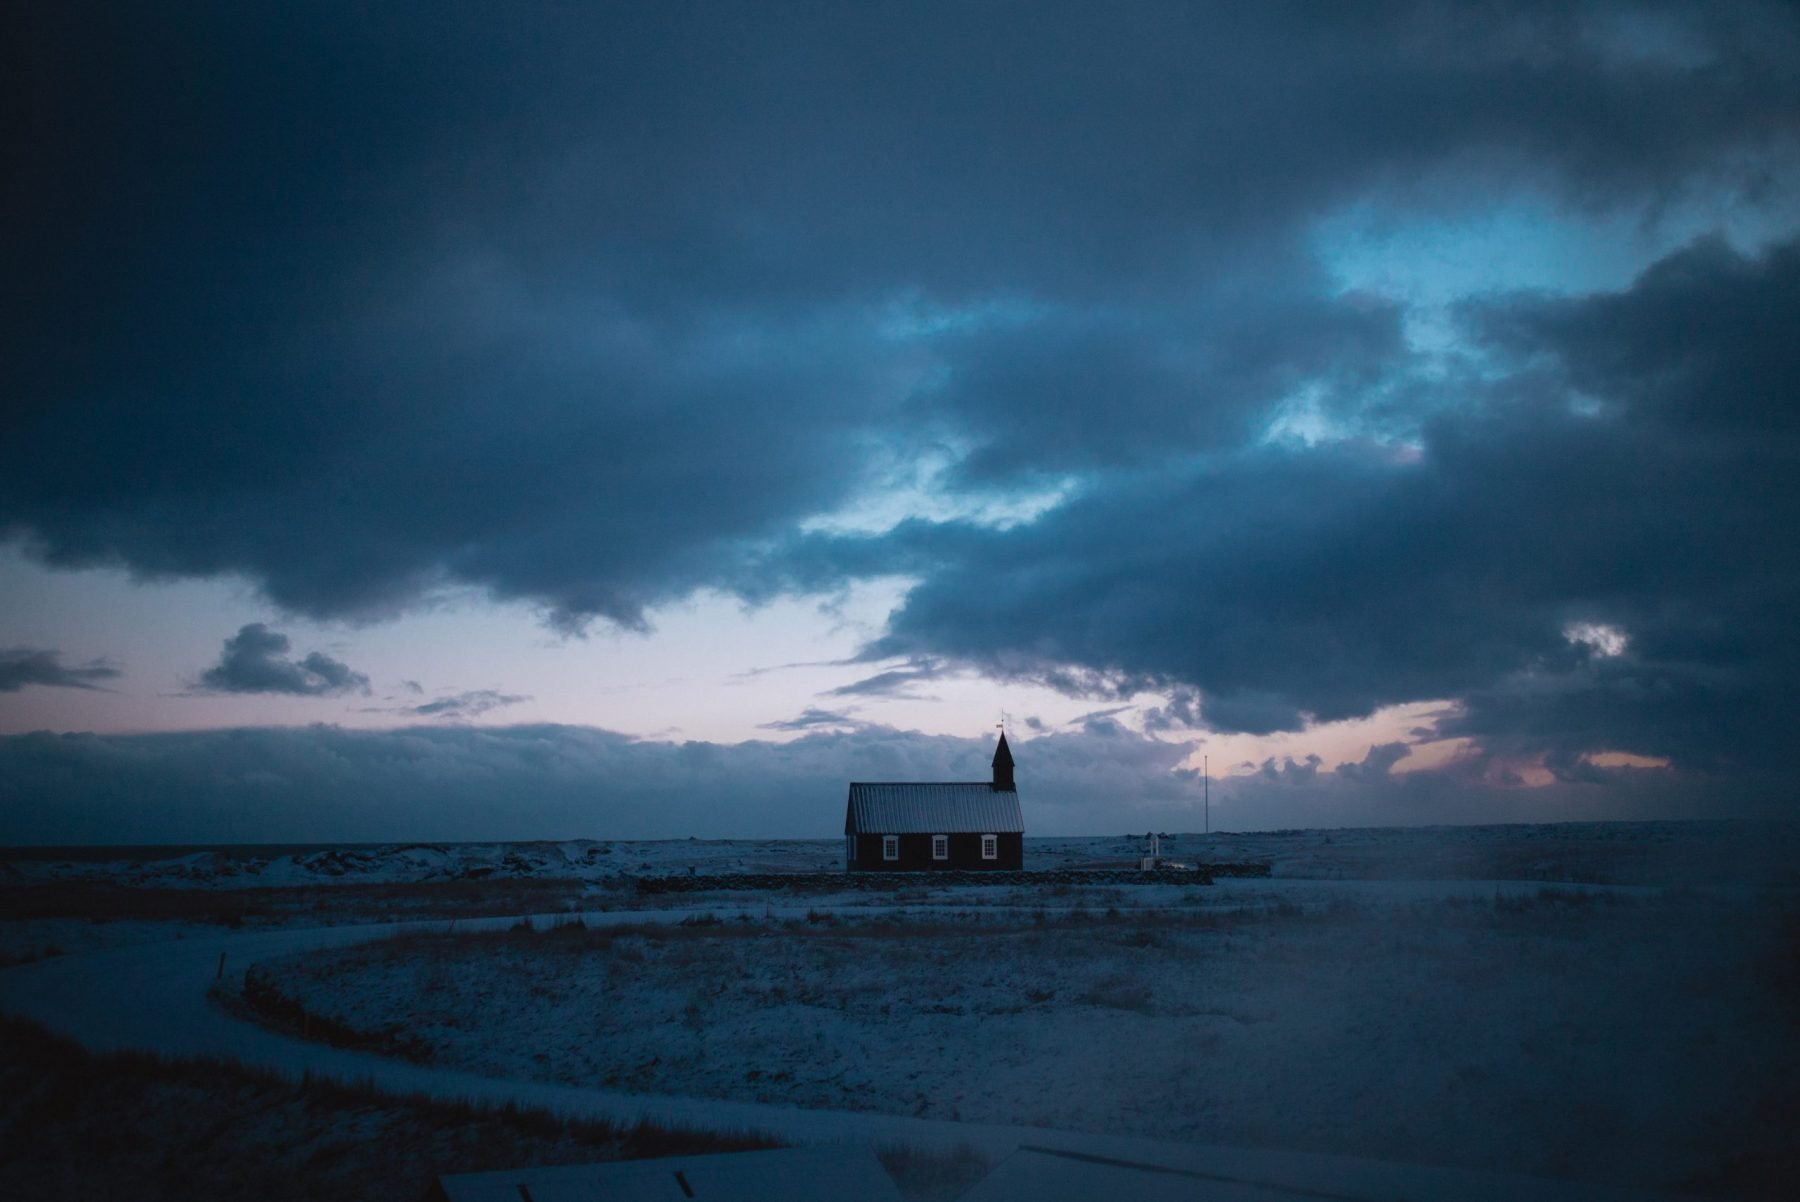 iceland hotel budir church black iceland